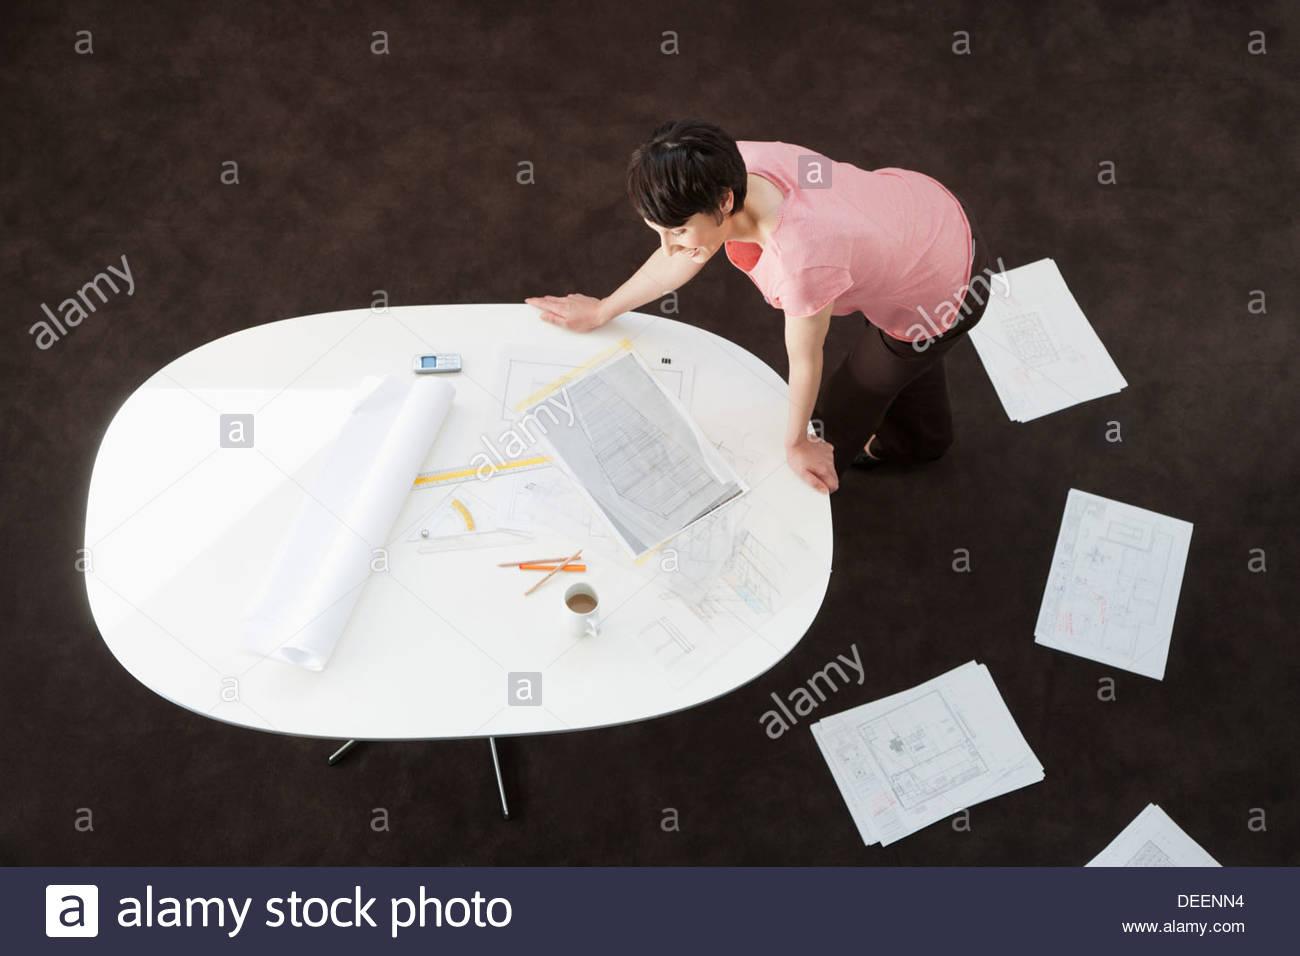 Geschäftsfrau, die Entwürfe zu betrachten, auf einem Tisch Stockbild